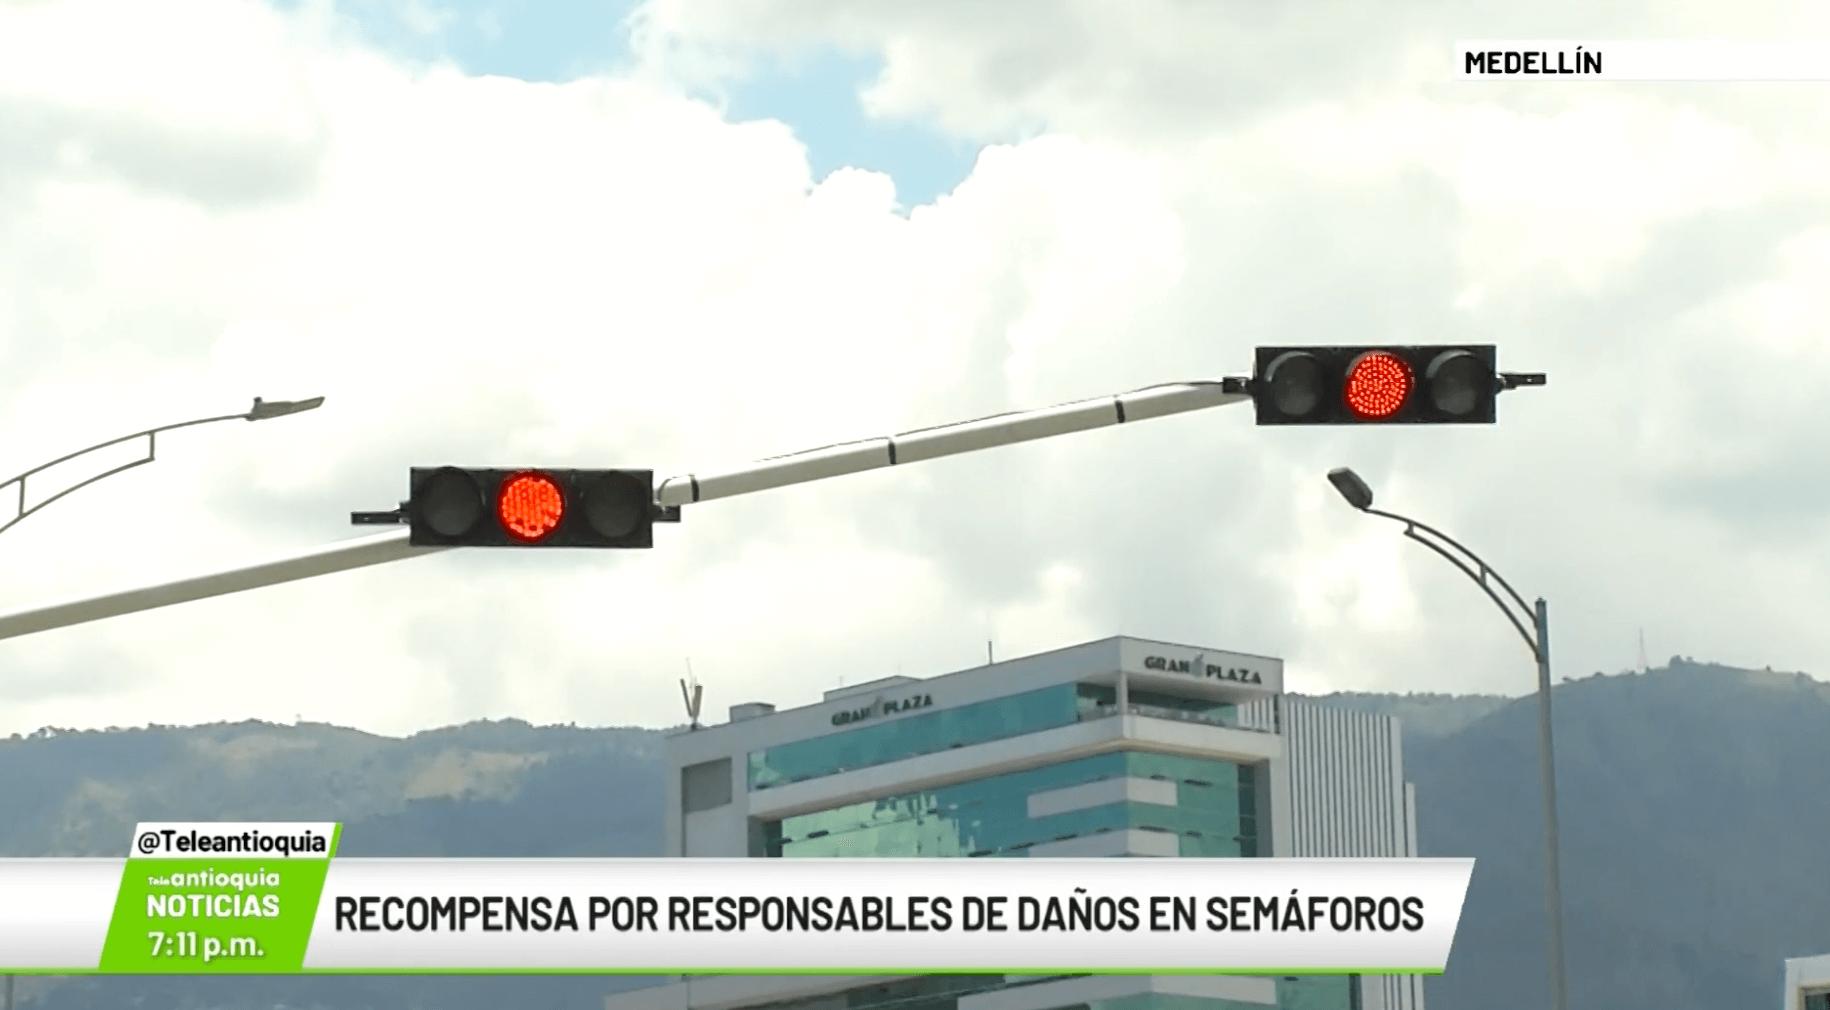 Recompensa por responsables de daños en semáforos